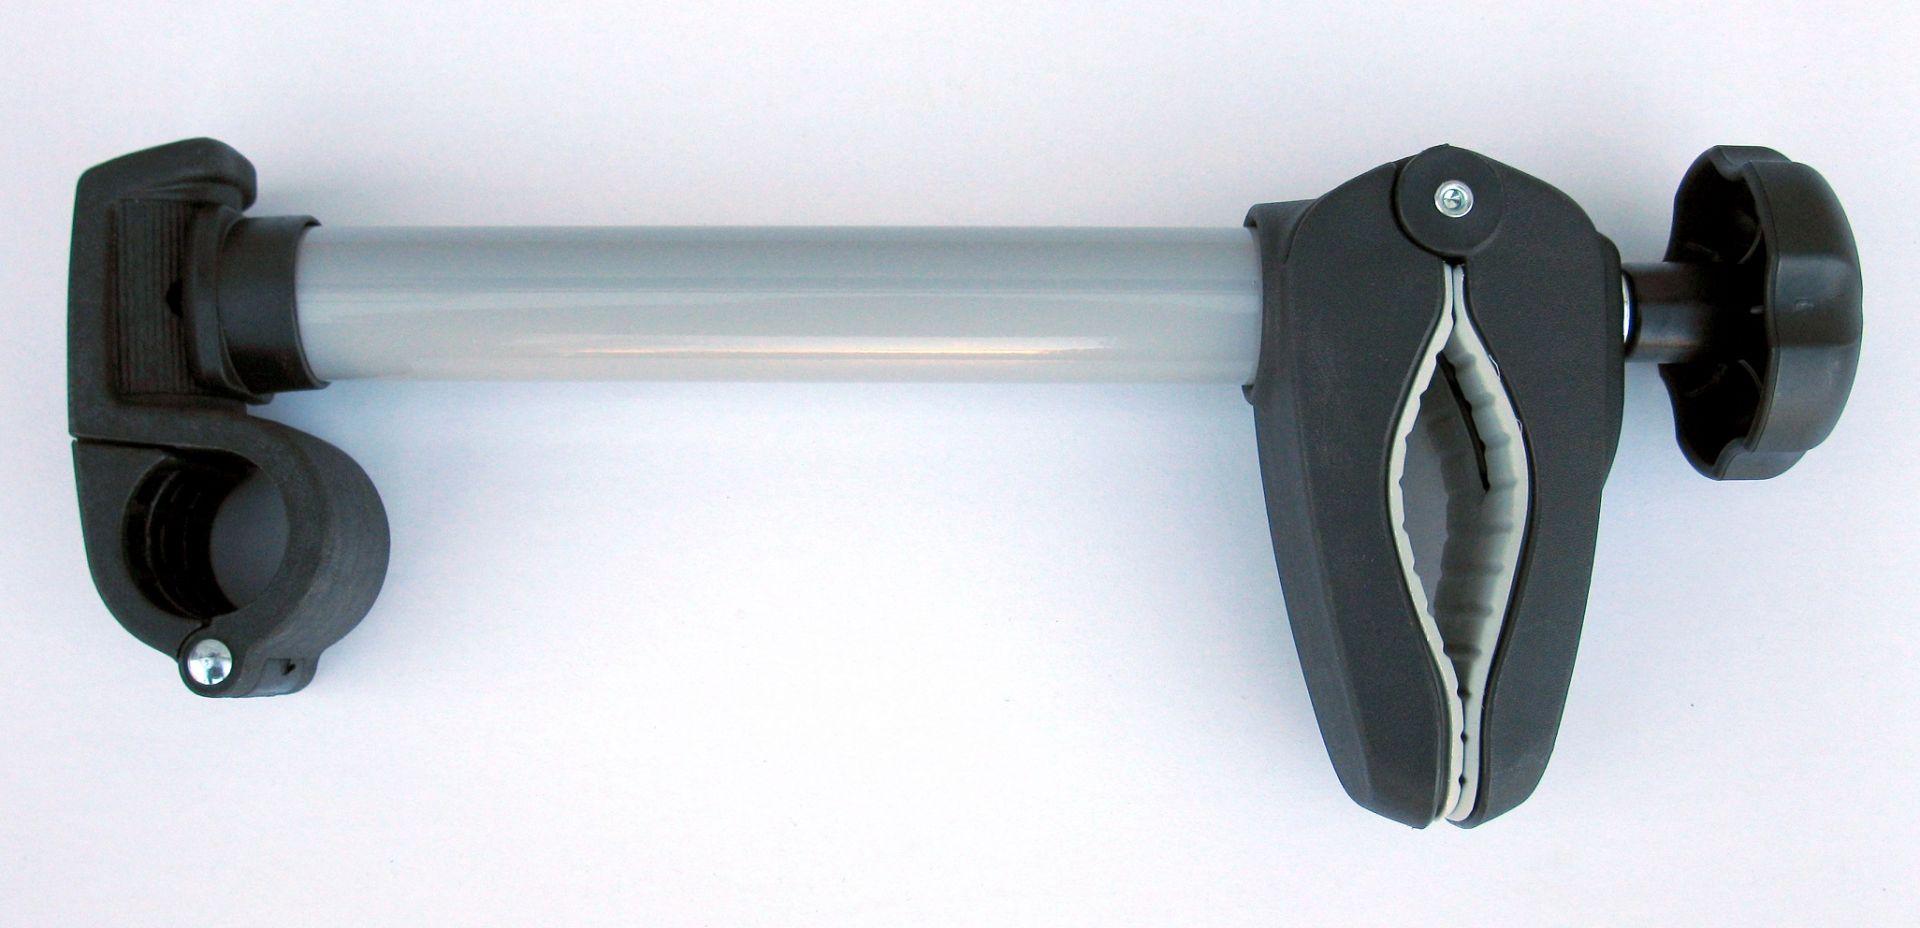 Bras de maintien Peruzzo 3D moyen pour 2e vélo